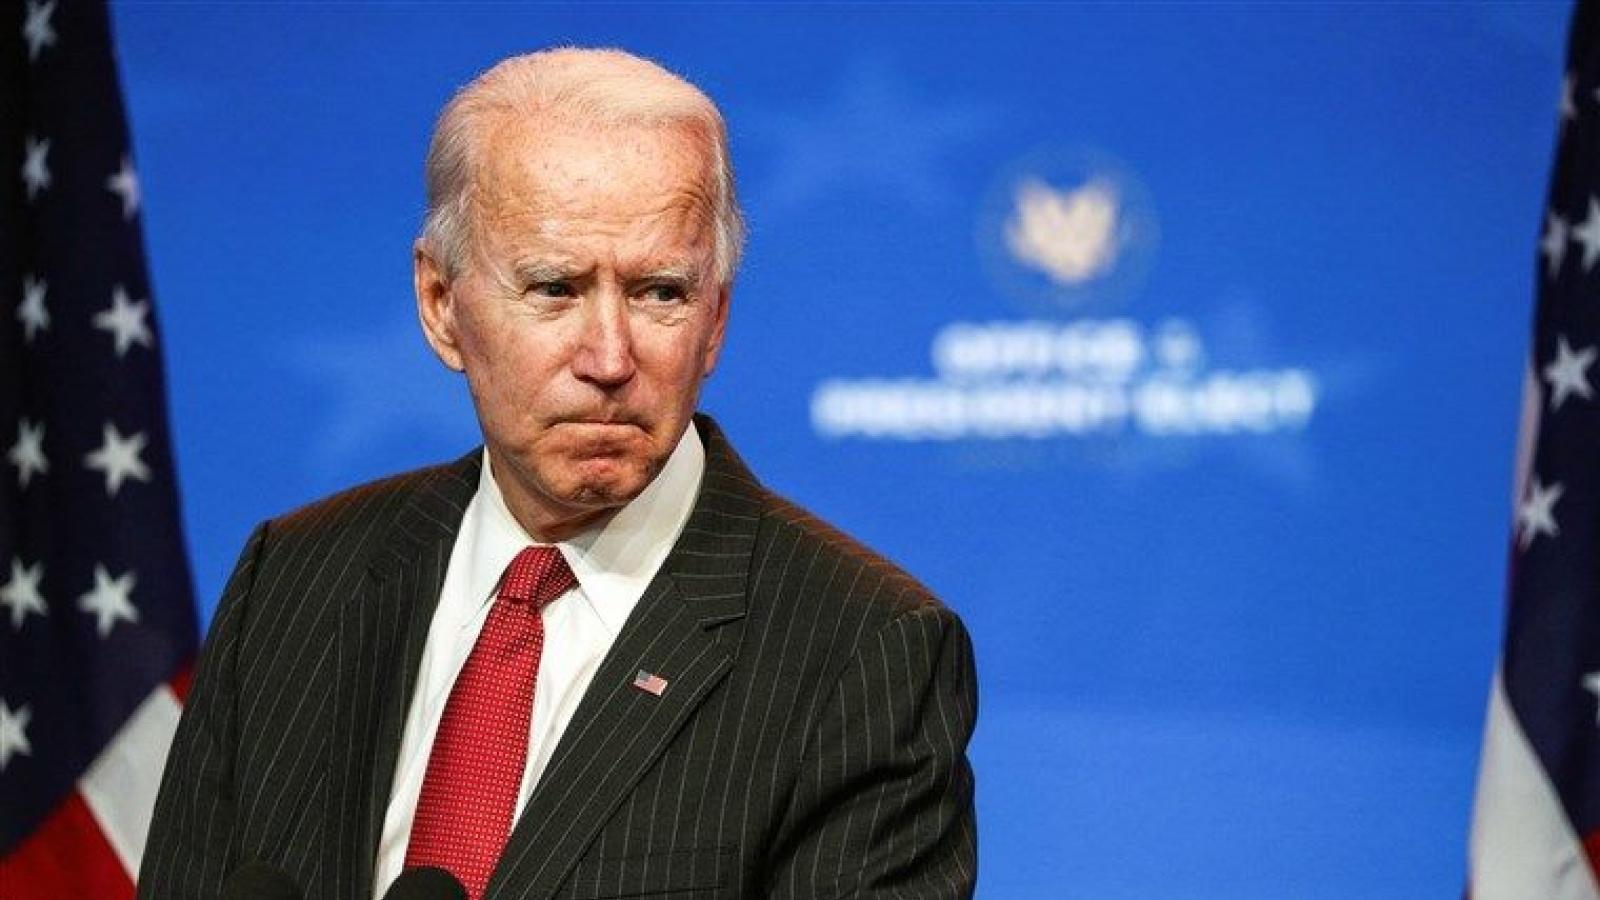 Tổng thống Mỹkêu gọi kiểm soát súng chặt chẽ hơn sau hai vụ xả súng gây chấn động